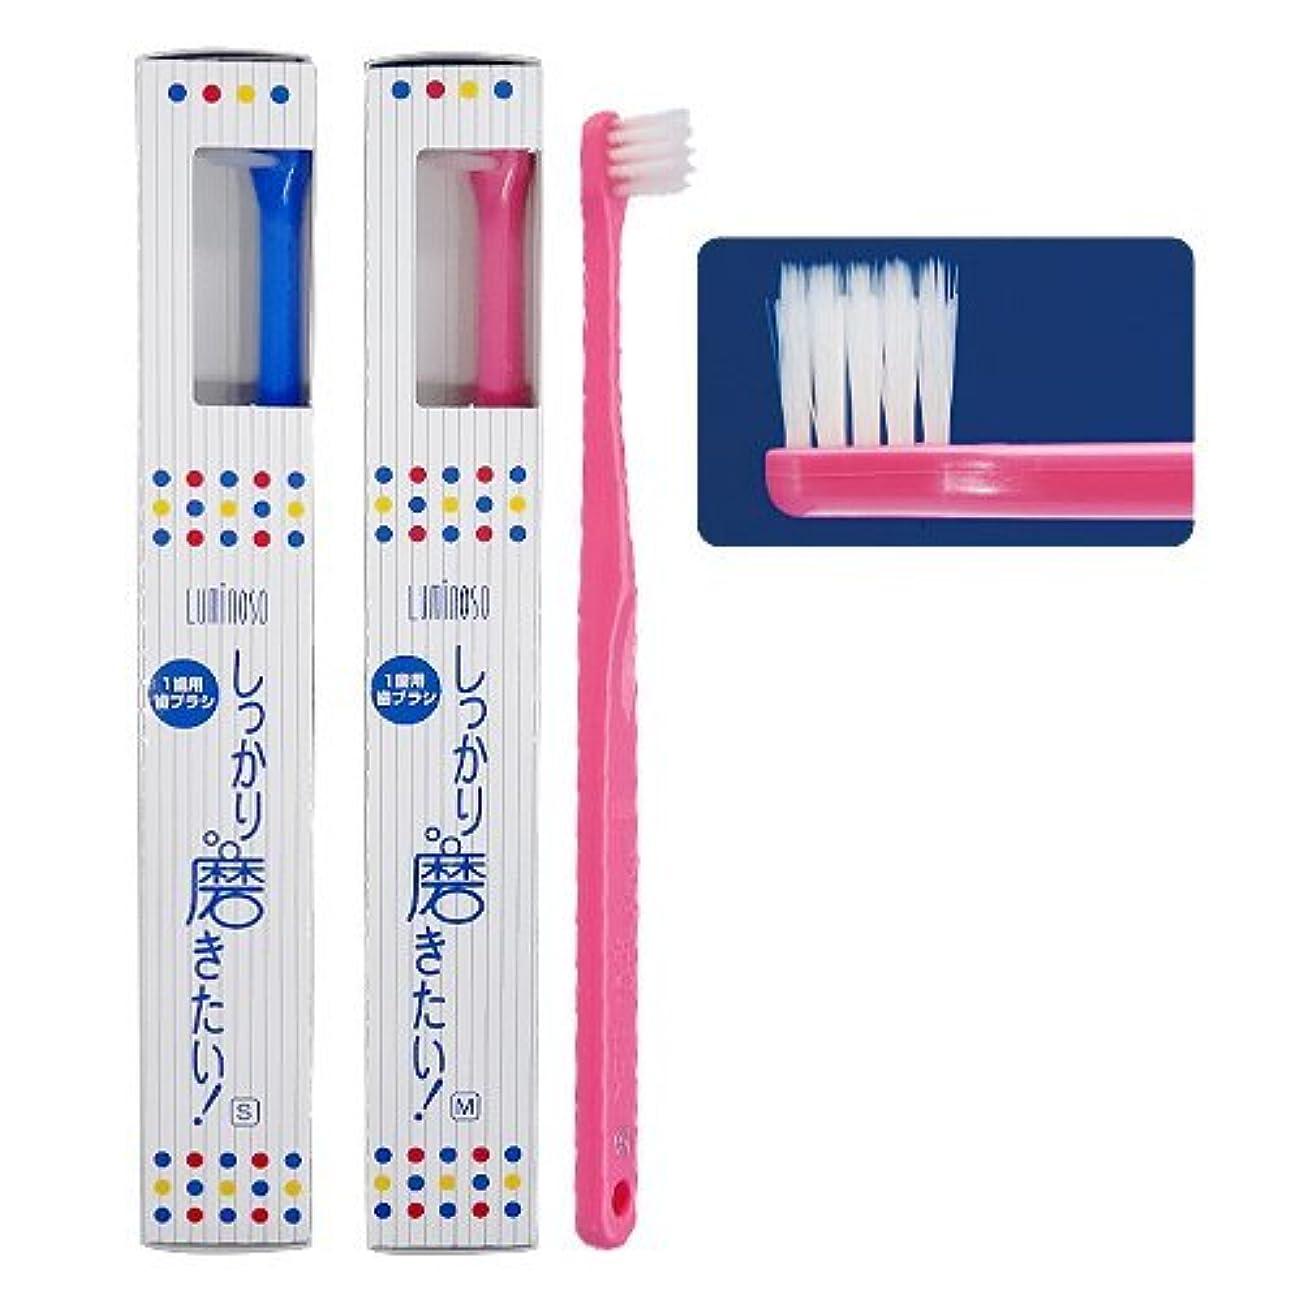 拡声器フィールド第ルミノソ 1歯用歯ブラシ「しっかり磨きたい!」スタンダード ミディアム (カラー指定不可) 5本